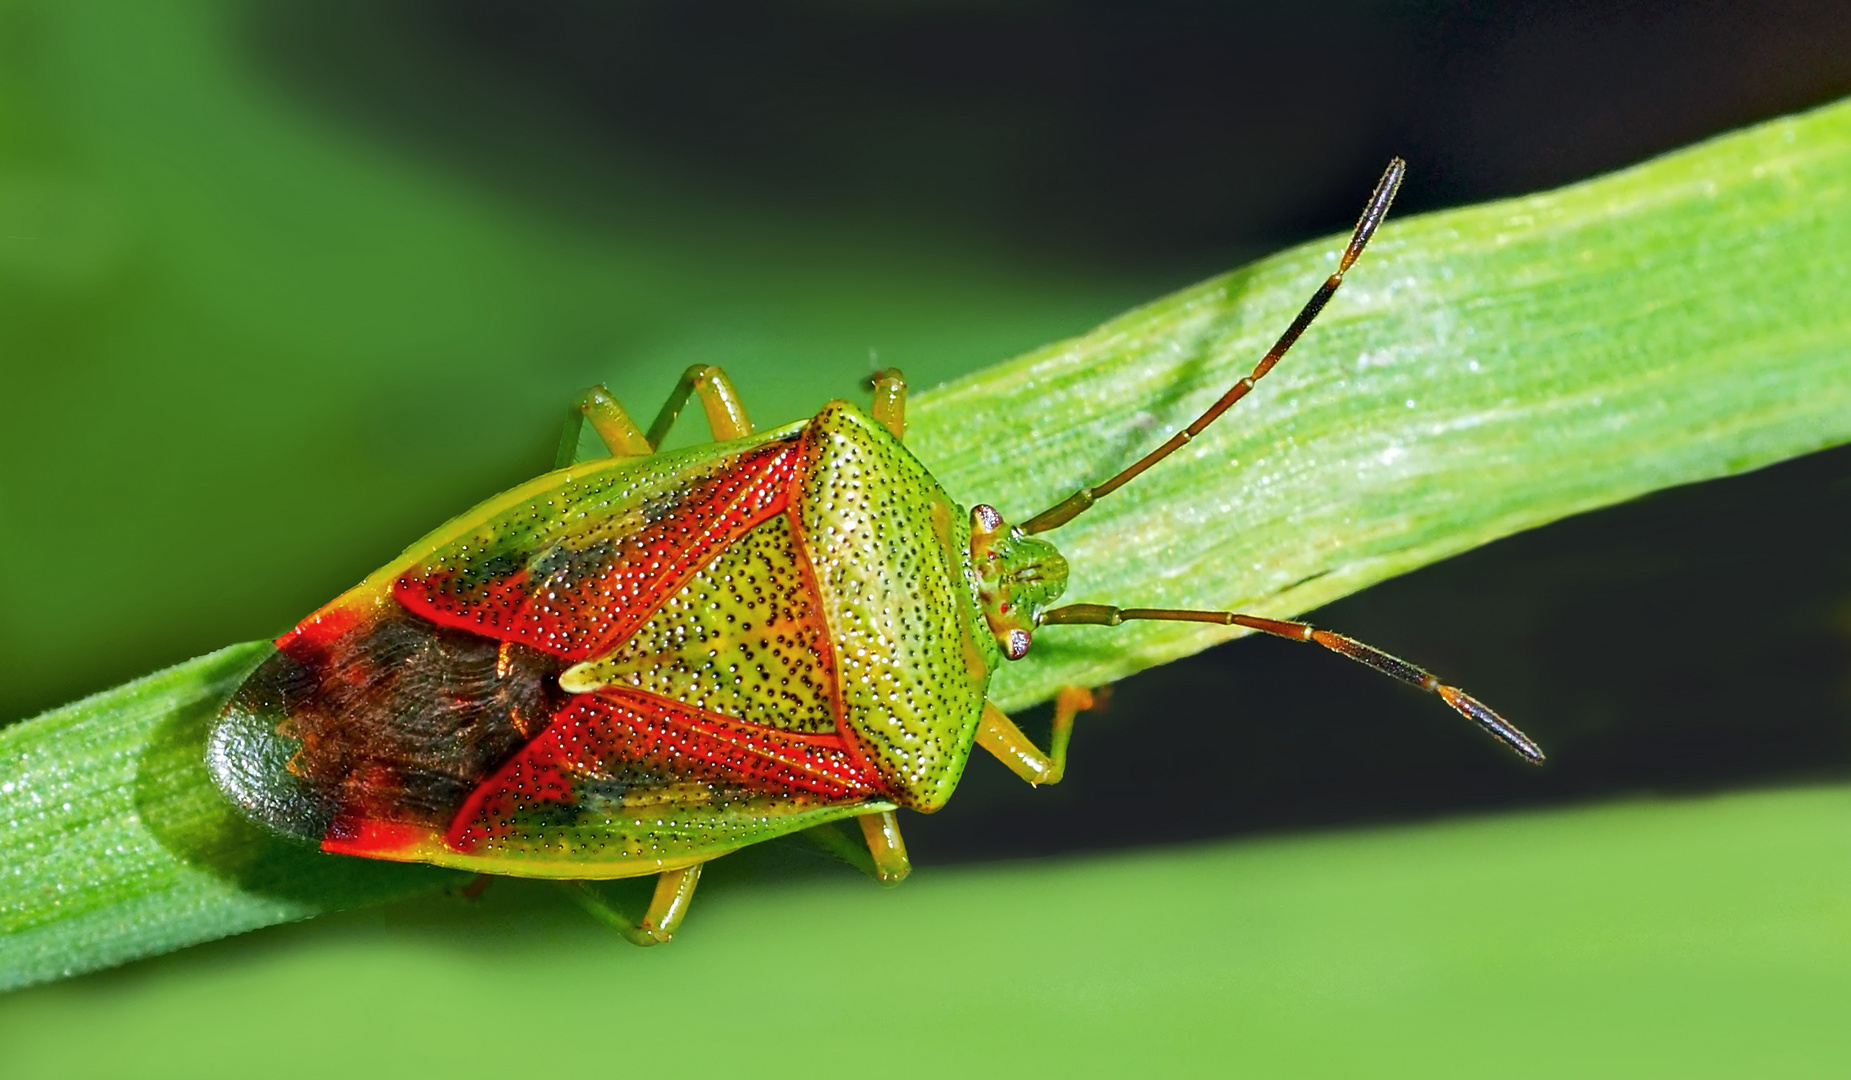 Bunte Blattwanze (Elasmostethus interstinctus) - Une punaise assouvit notre besoin de couleurs!